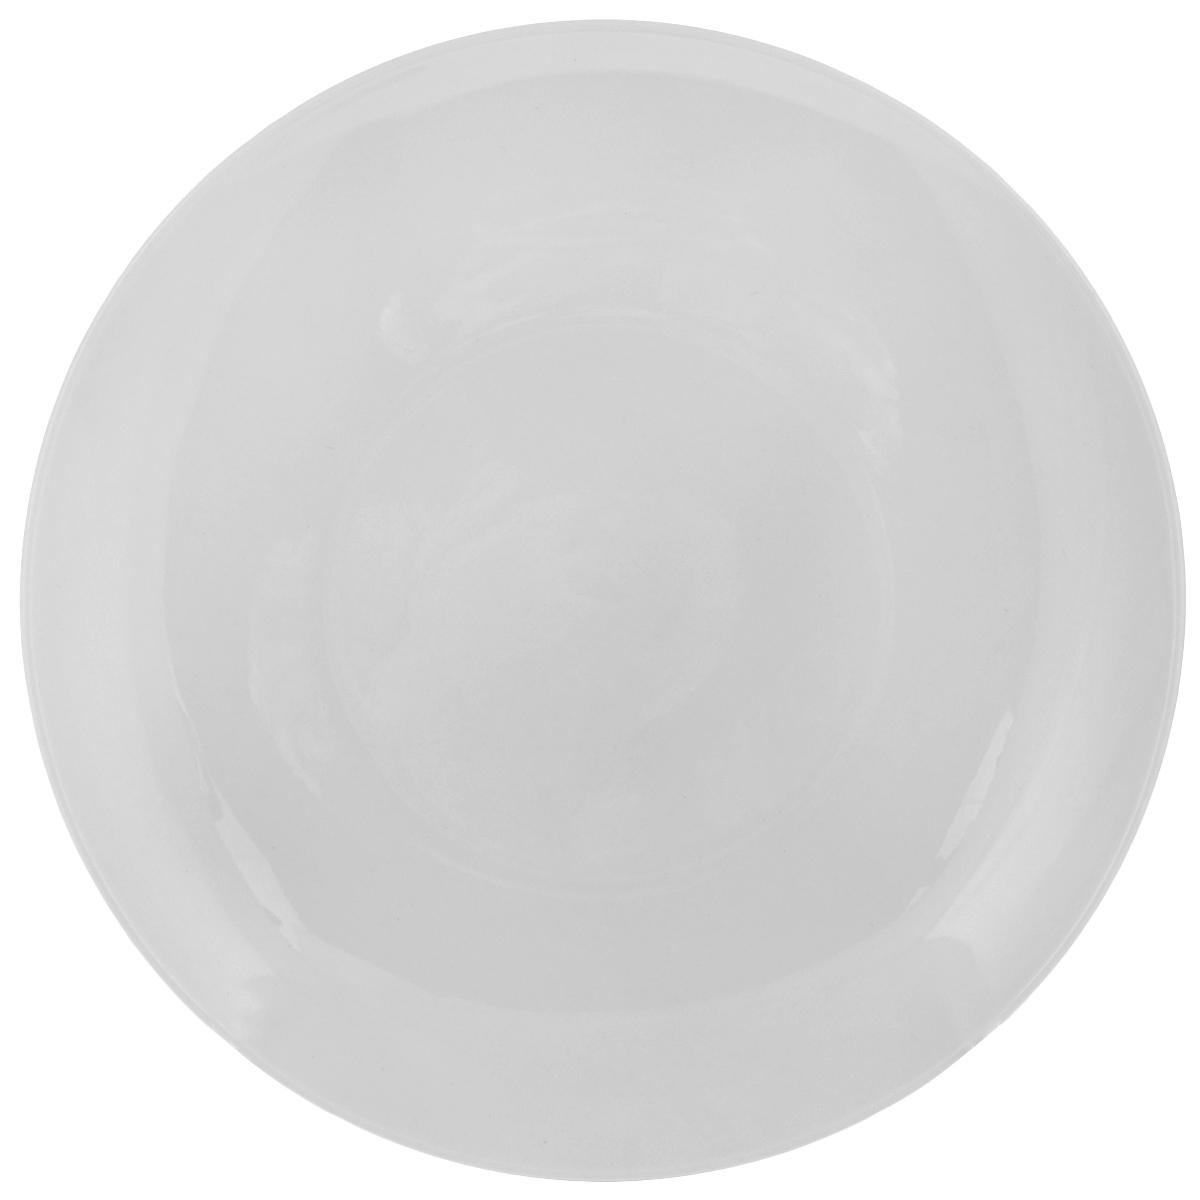 Тарелка десертная Tescoma Crema, диаметр 19,5 см387020Тарелка Tescoma Crema выполнена из высококачественного фарфора однотонного цвета и прекрасно подойдет для вашей кухни. Такая тарелка изысканно украсит сервировку как обеденного, так и праздничного стола. Предназначена для подачи десертов. Пригодна для использования в микроволновой печи. Можно мыть в посудомоечной машине.Диаметр: 19,5 см.Высота тарелки: 2,5 см.